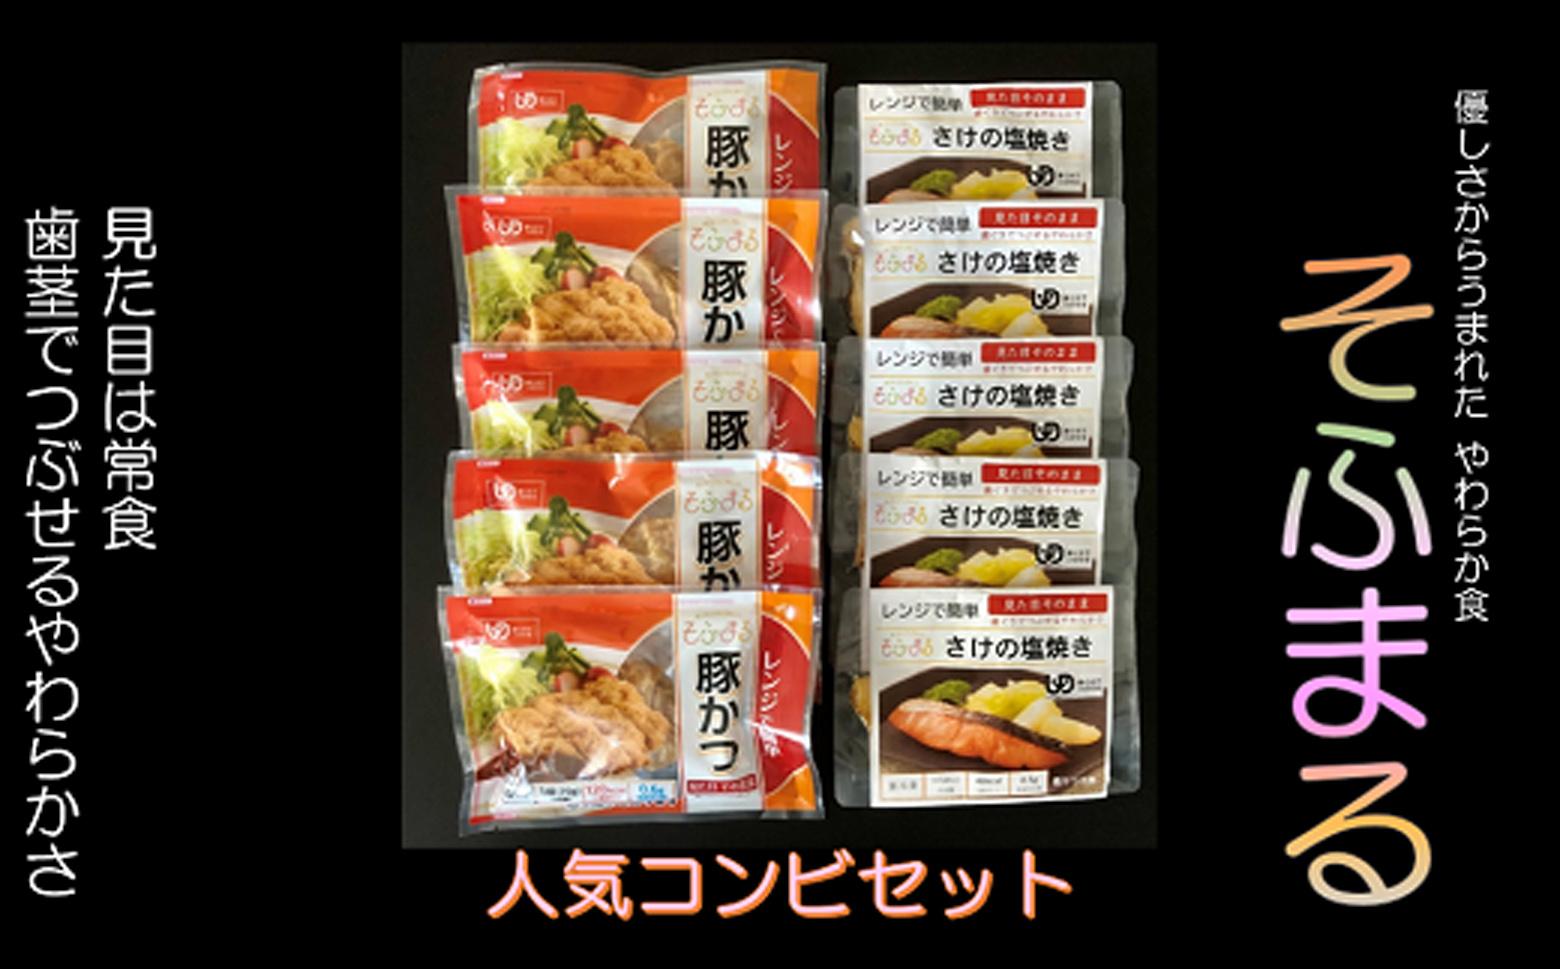 M-BE4.そふまるやわらか食人気コンビセット(2種×各5点)